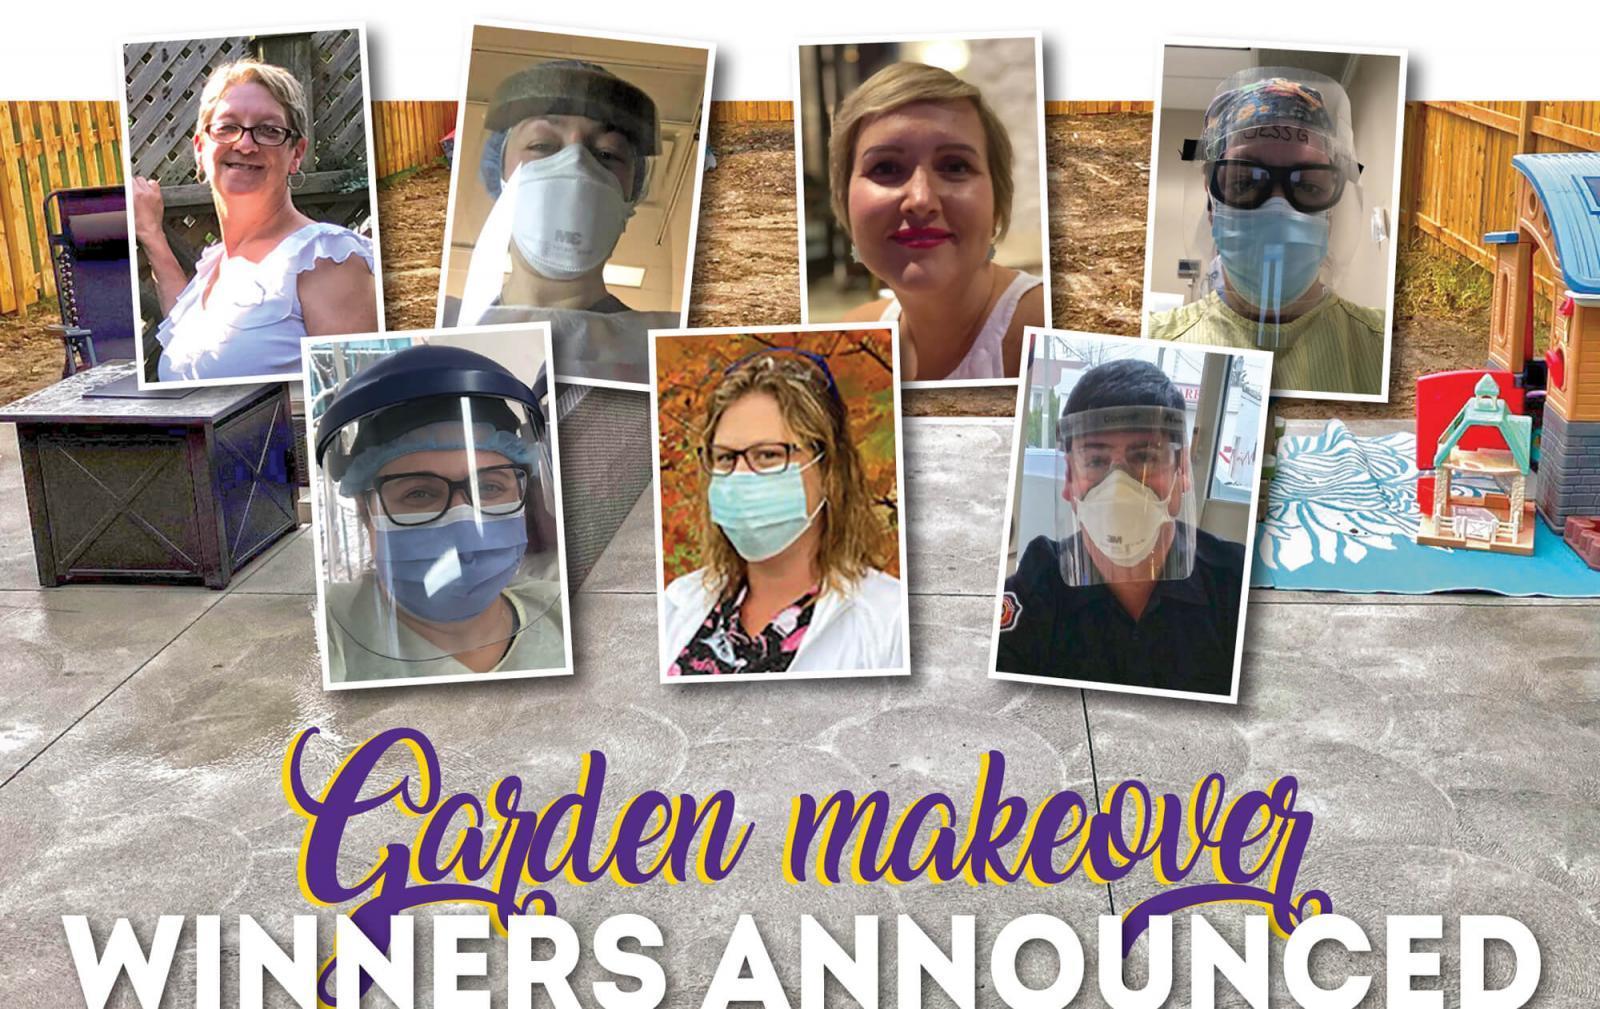 Garden makeover winners announced